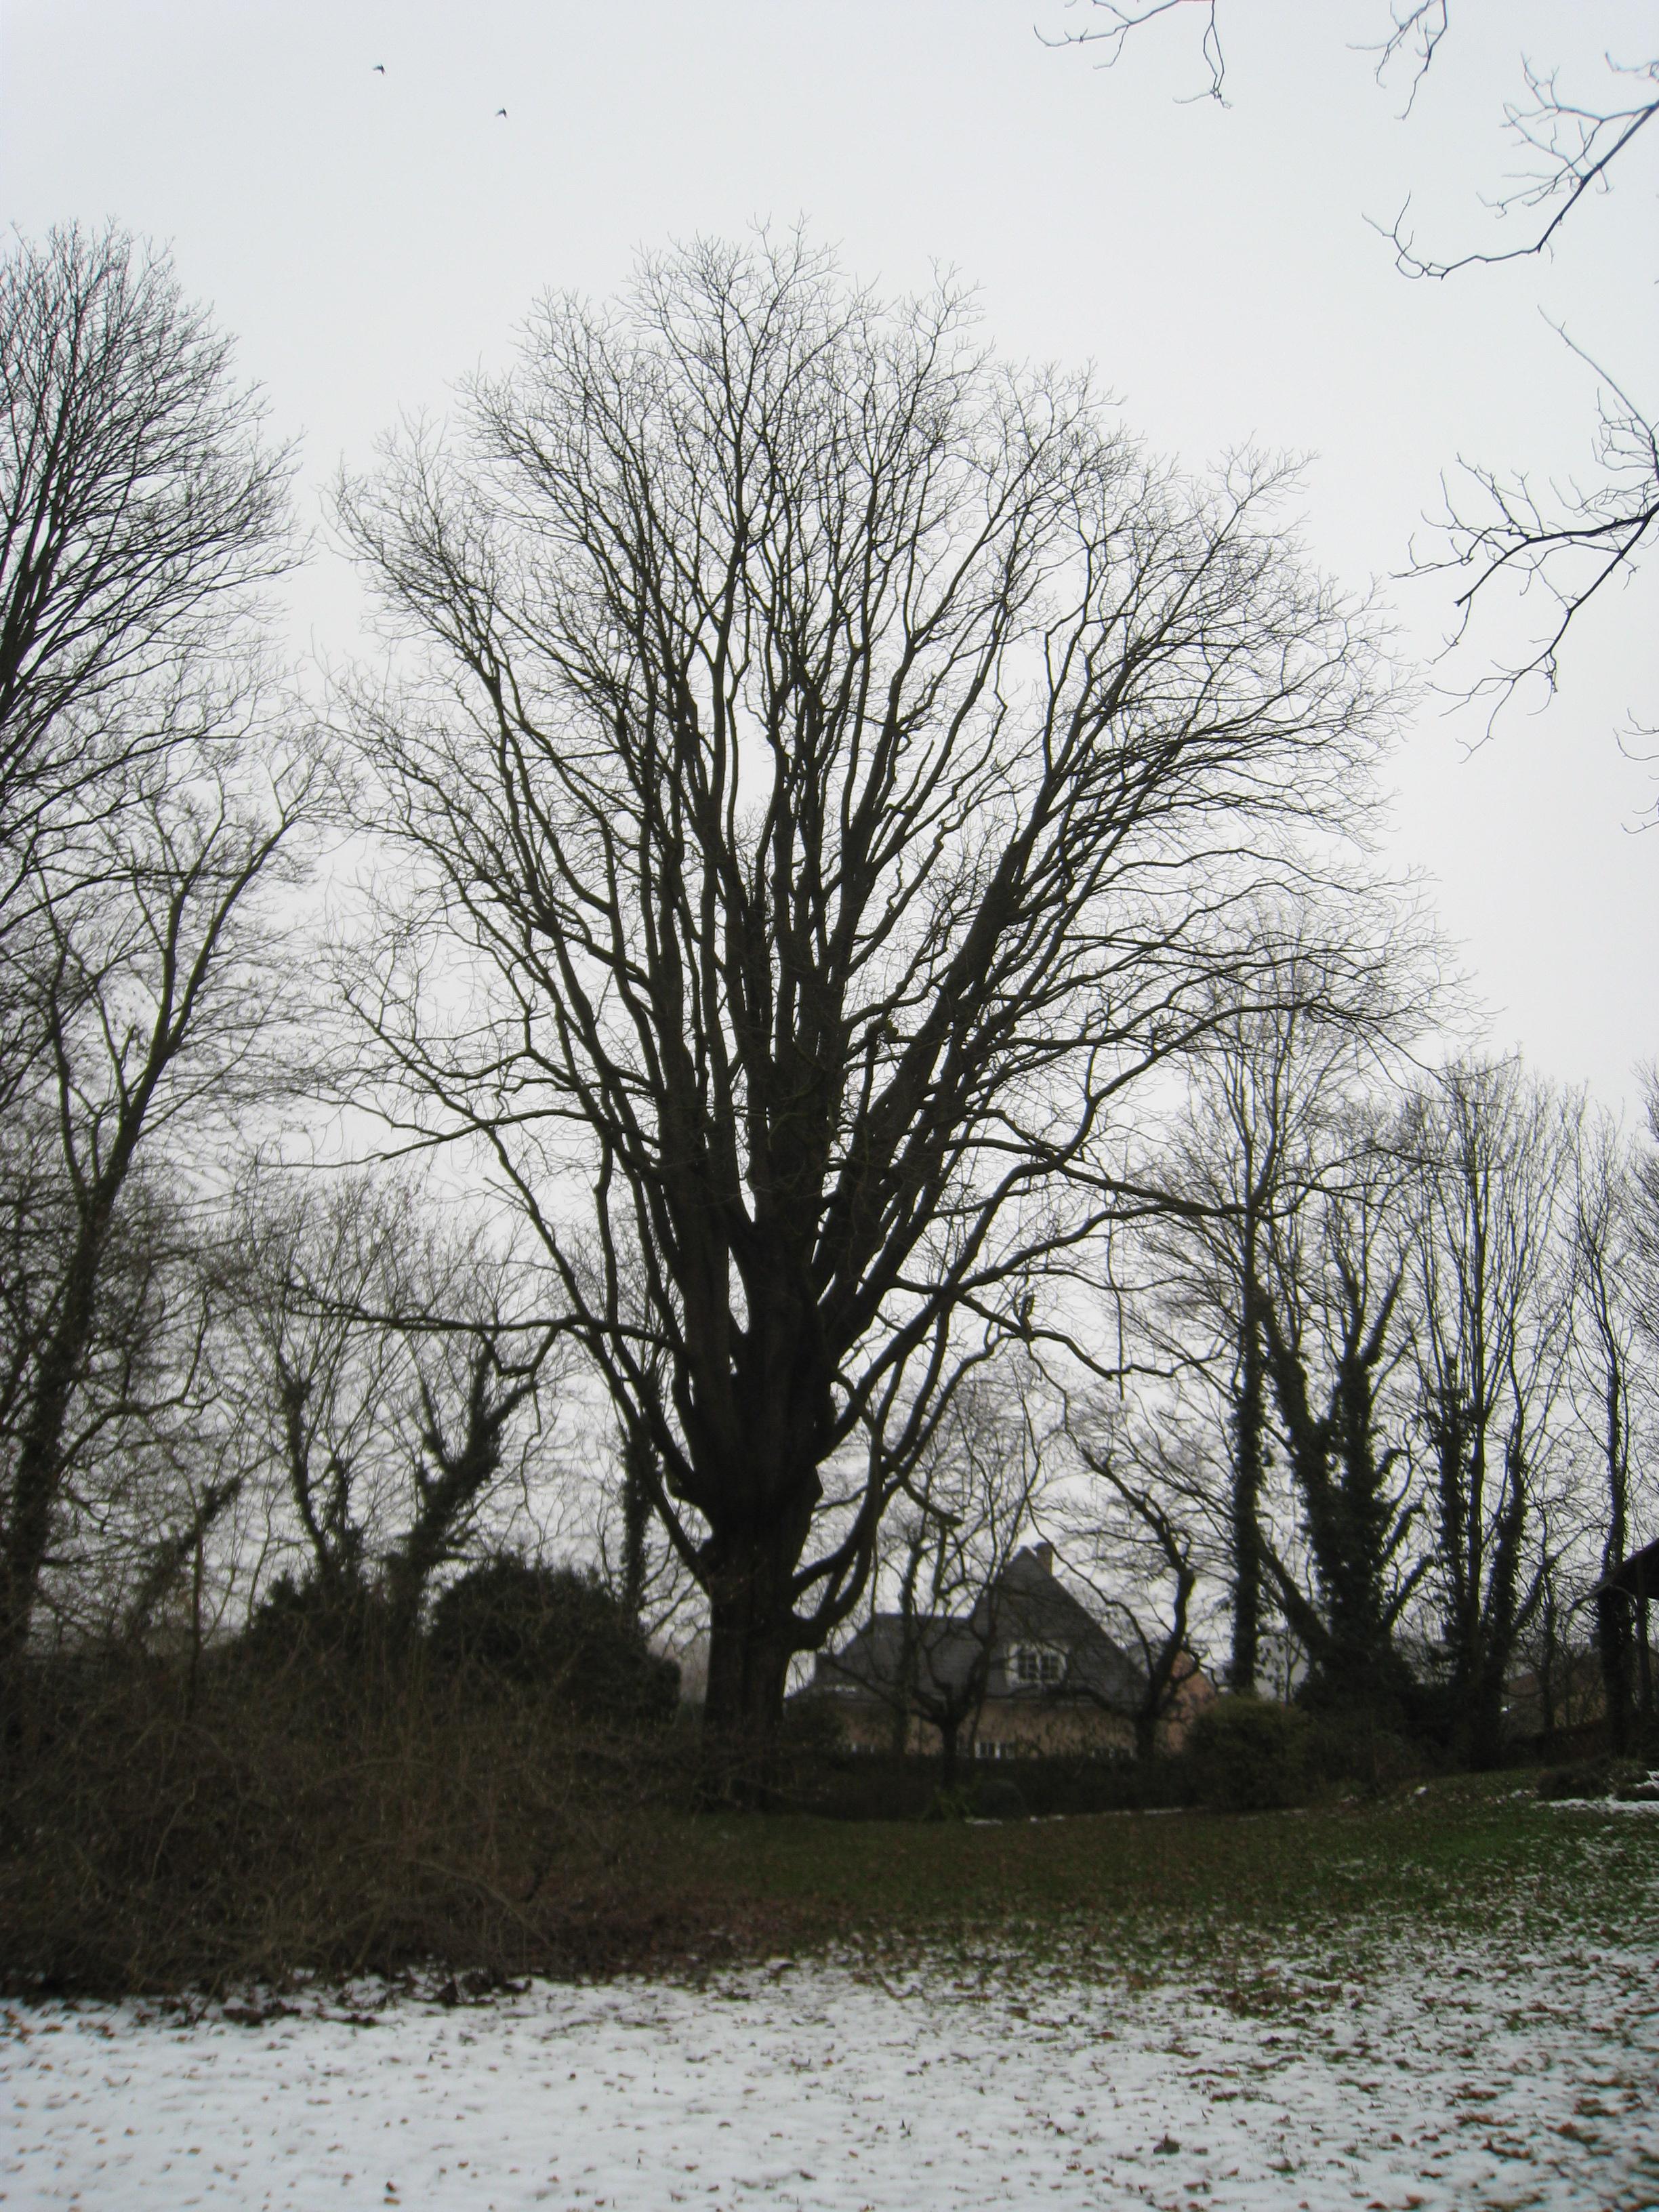 Zwarte of Amerikaanse noot – Jette, Titecapark, Wereldtentoonstellingslaan, 425 –  08 December 2010